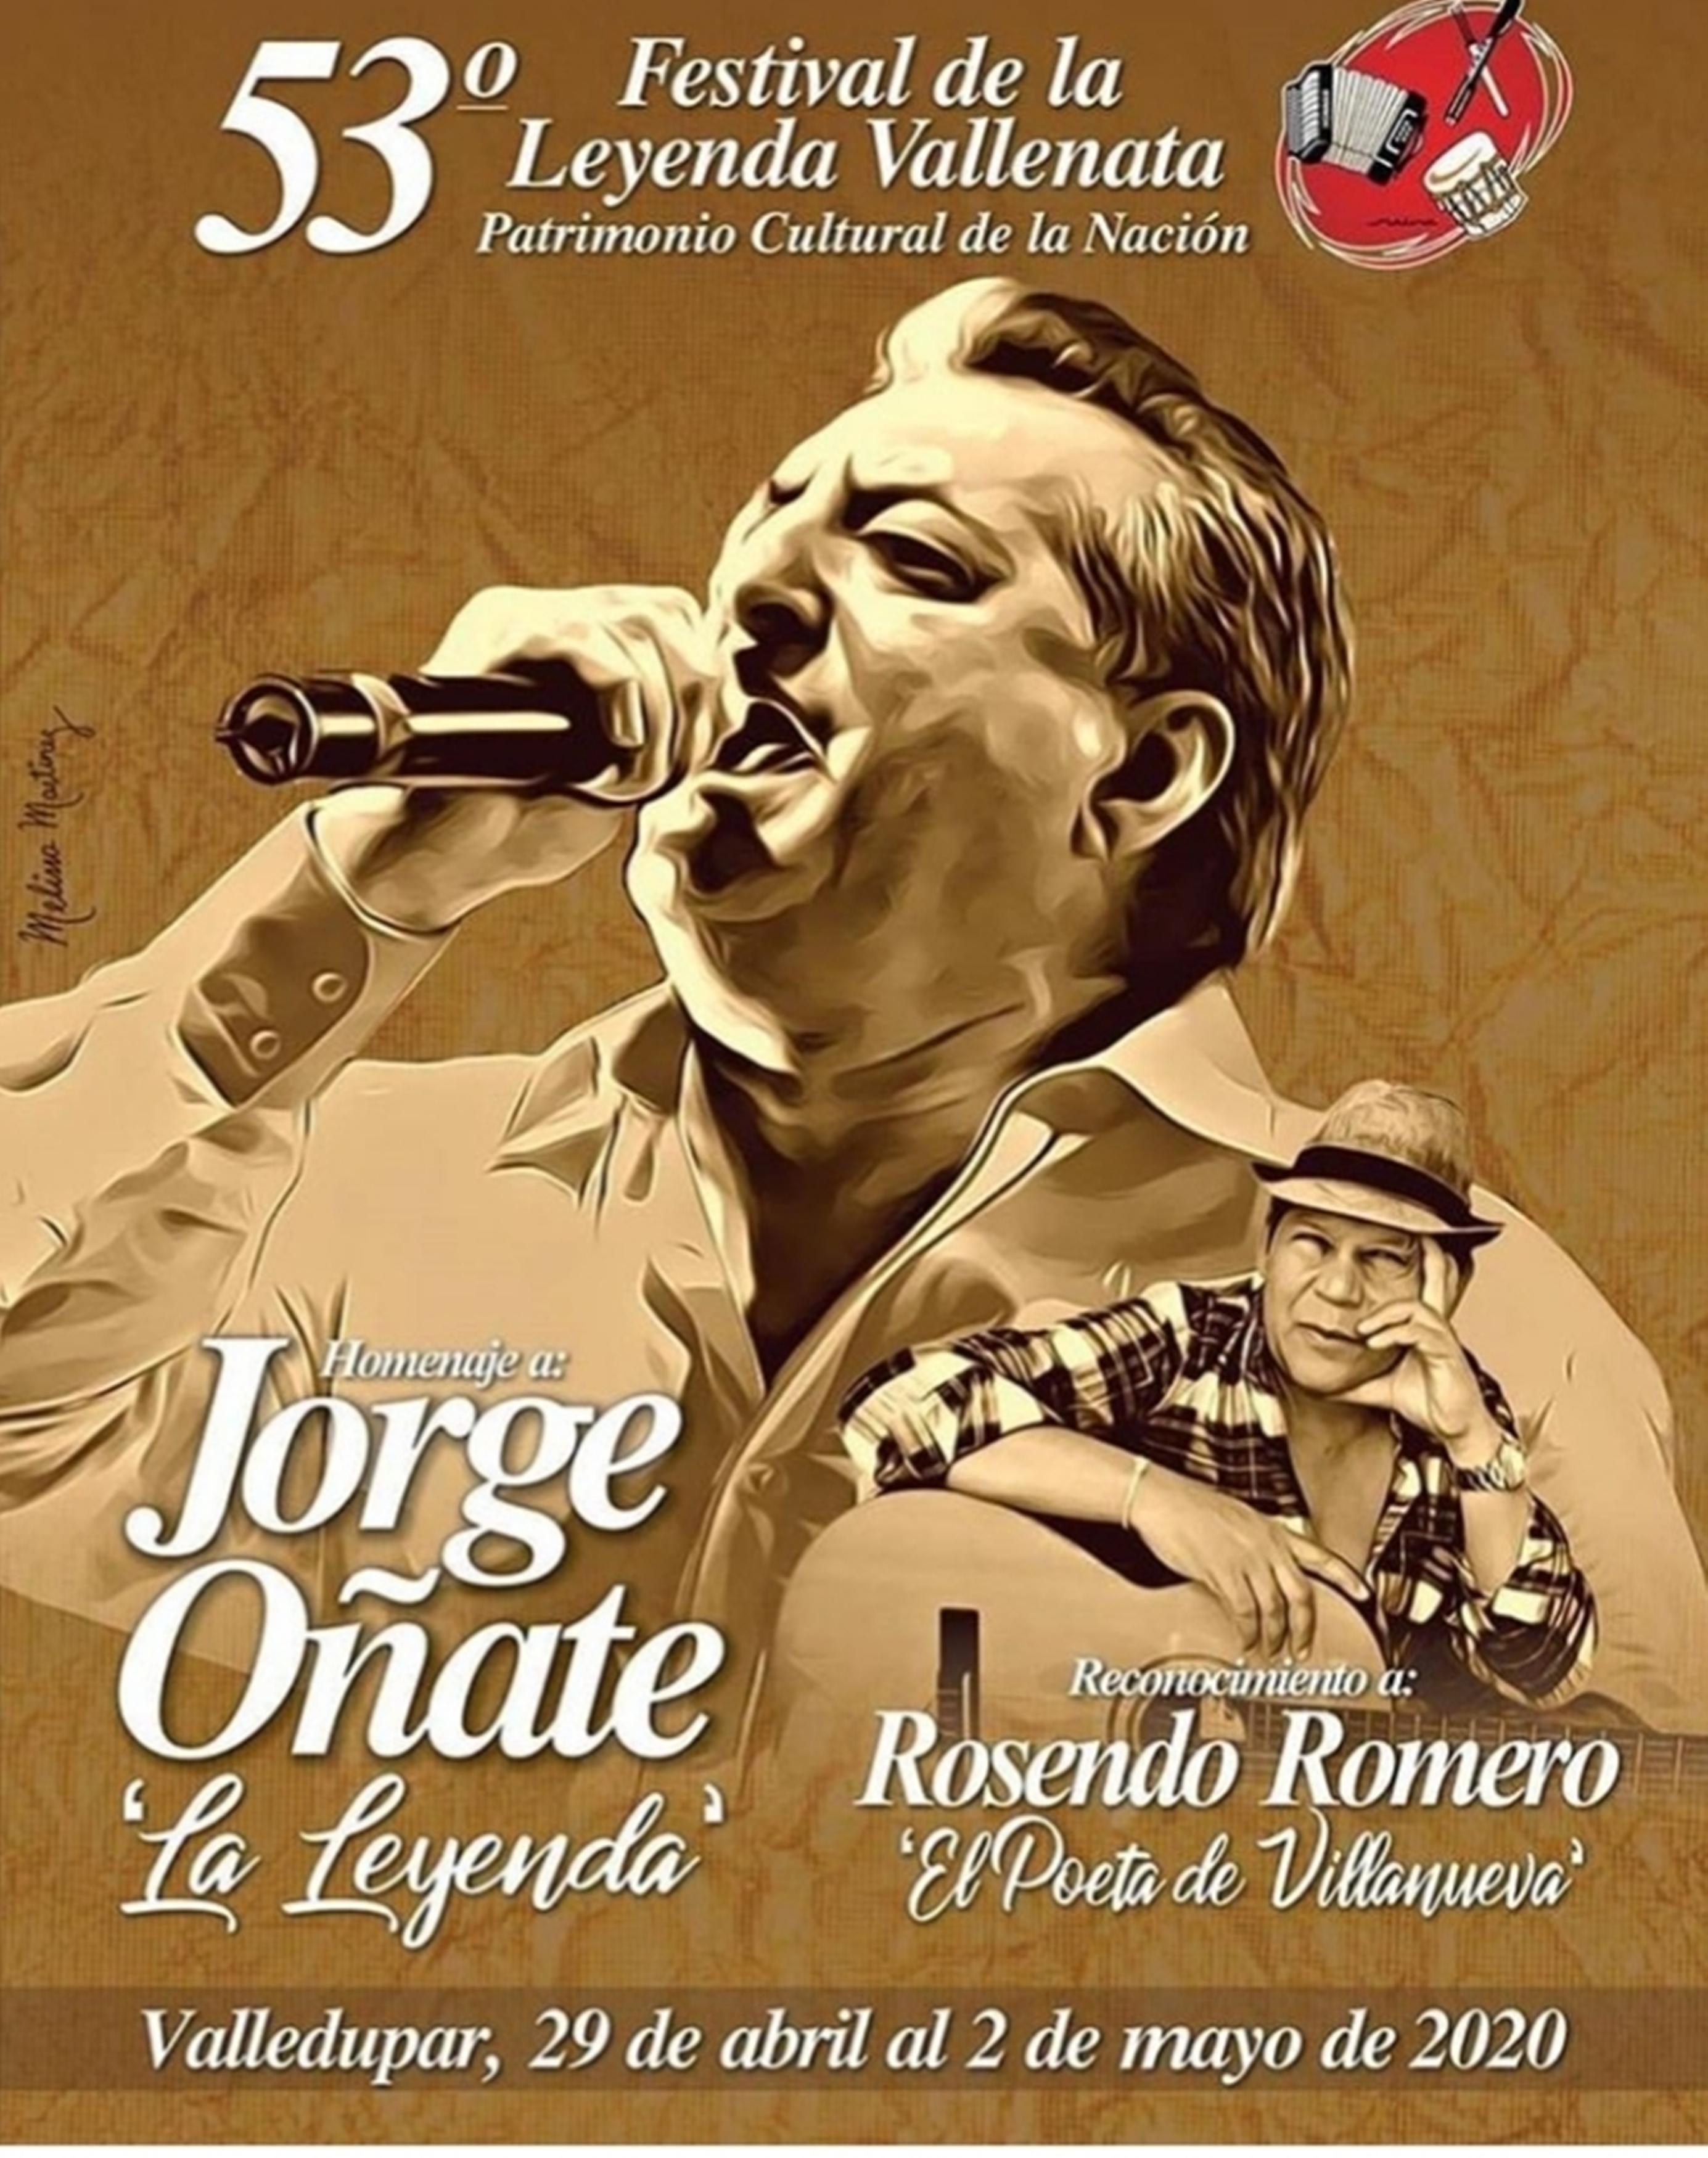 'Los años dorados del vallenato', afiche promocional del 53° Festival de la Leyenda Vallenata